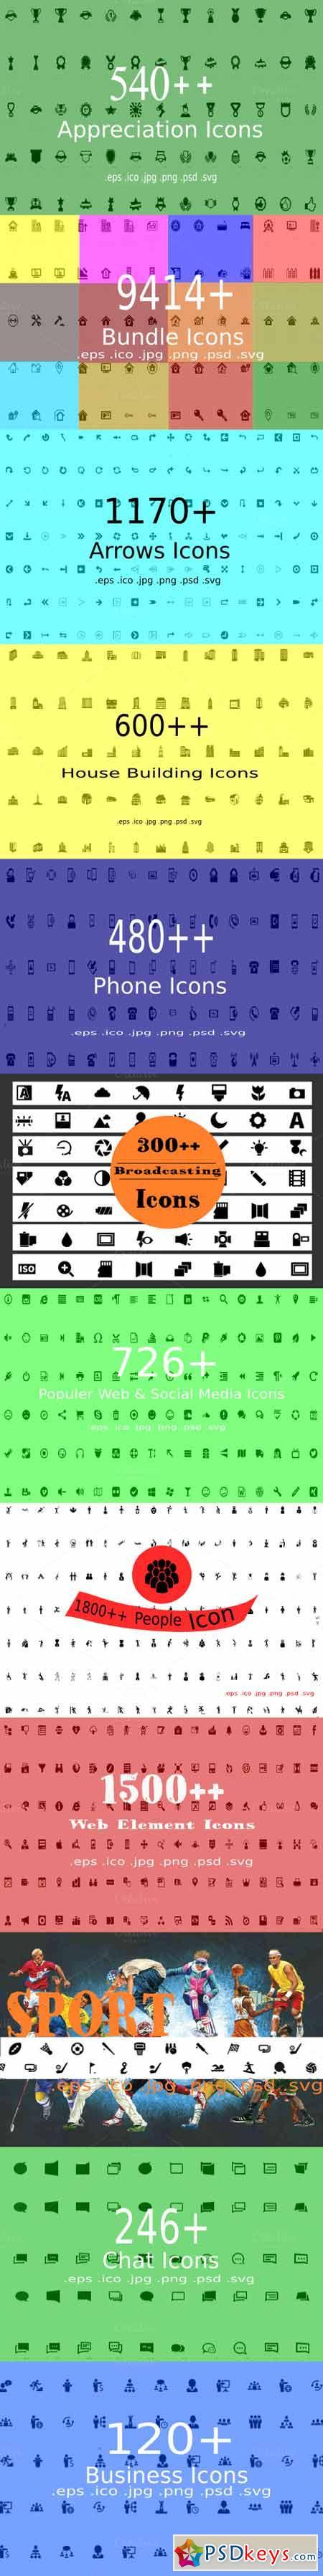 9414+ Bundle Icons 410704